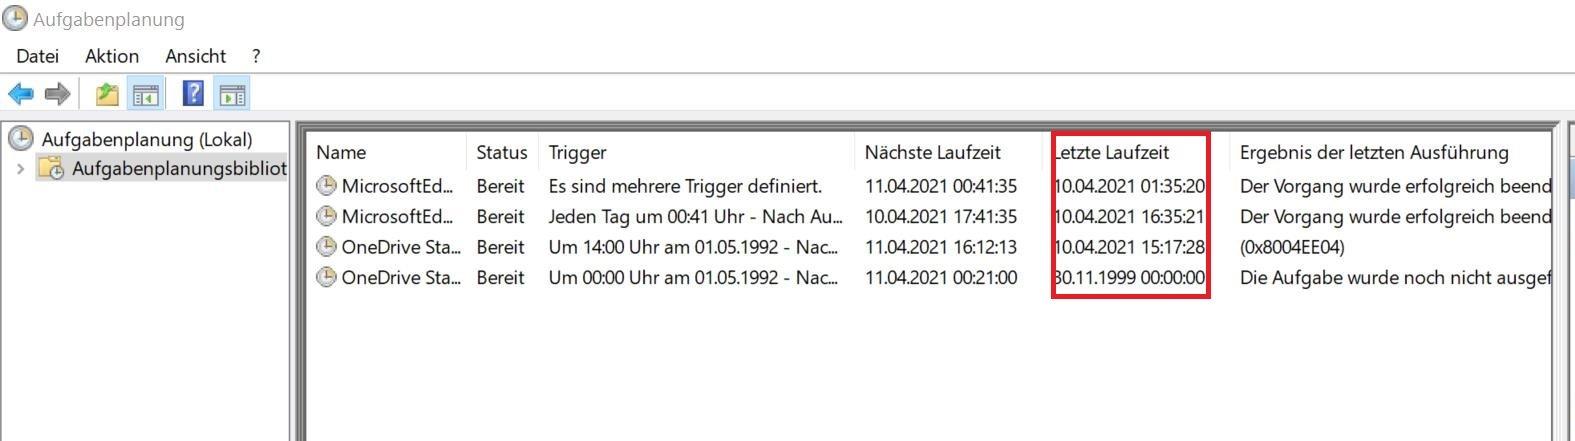 Screenshot-10.04.21.jpg